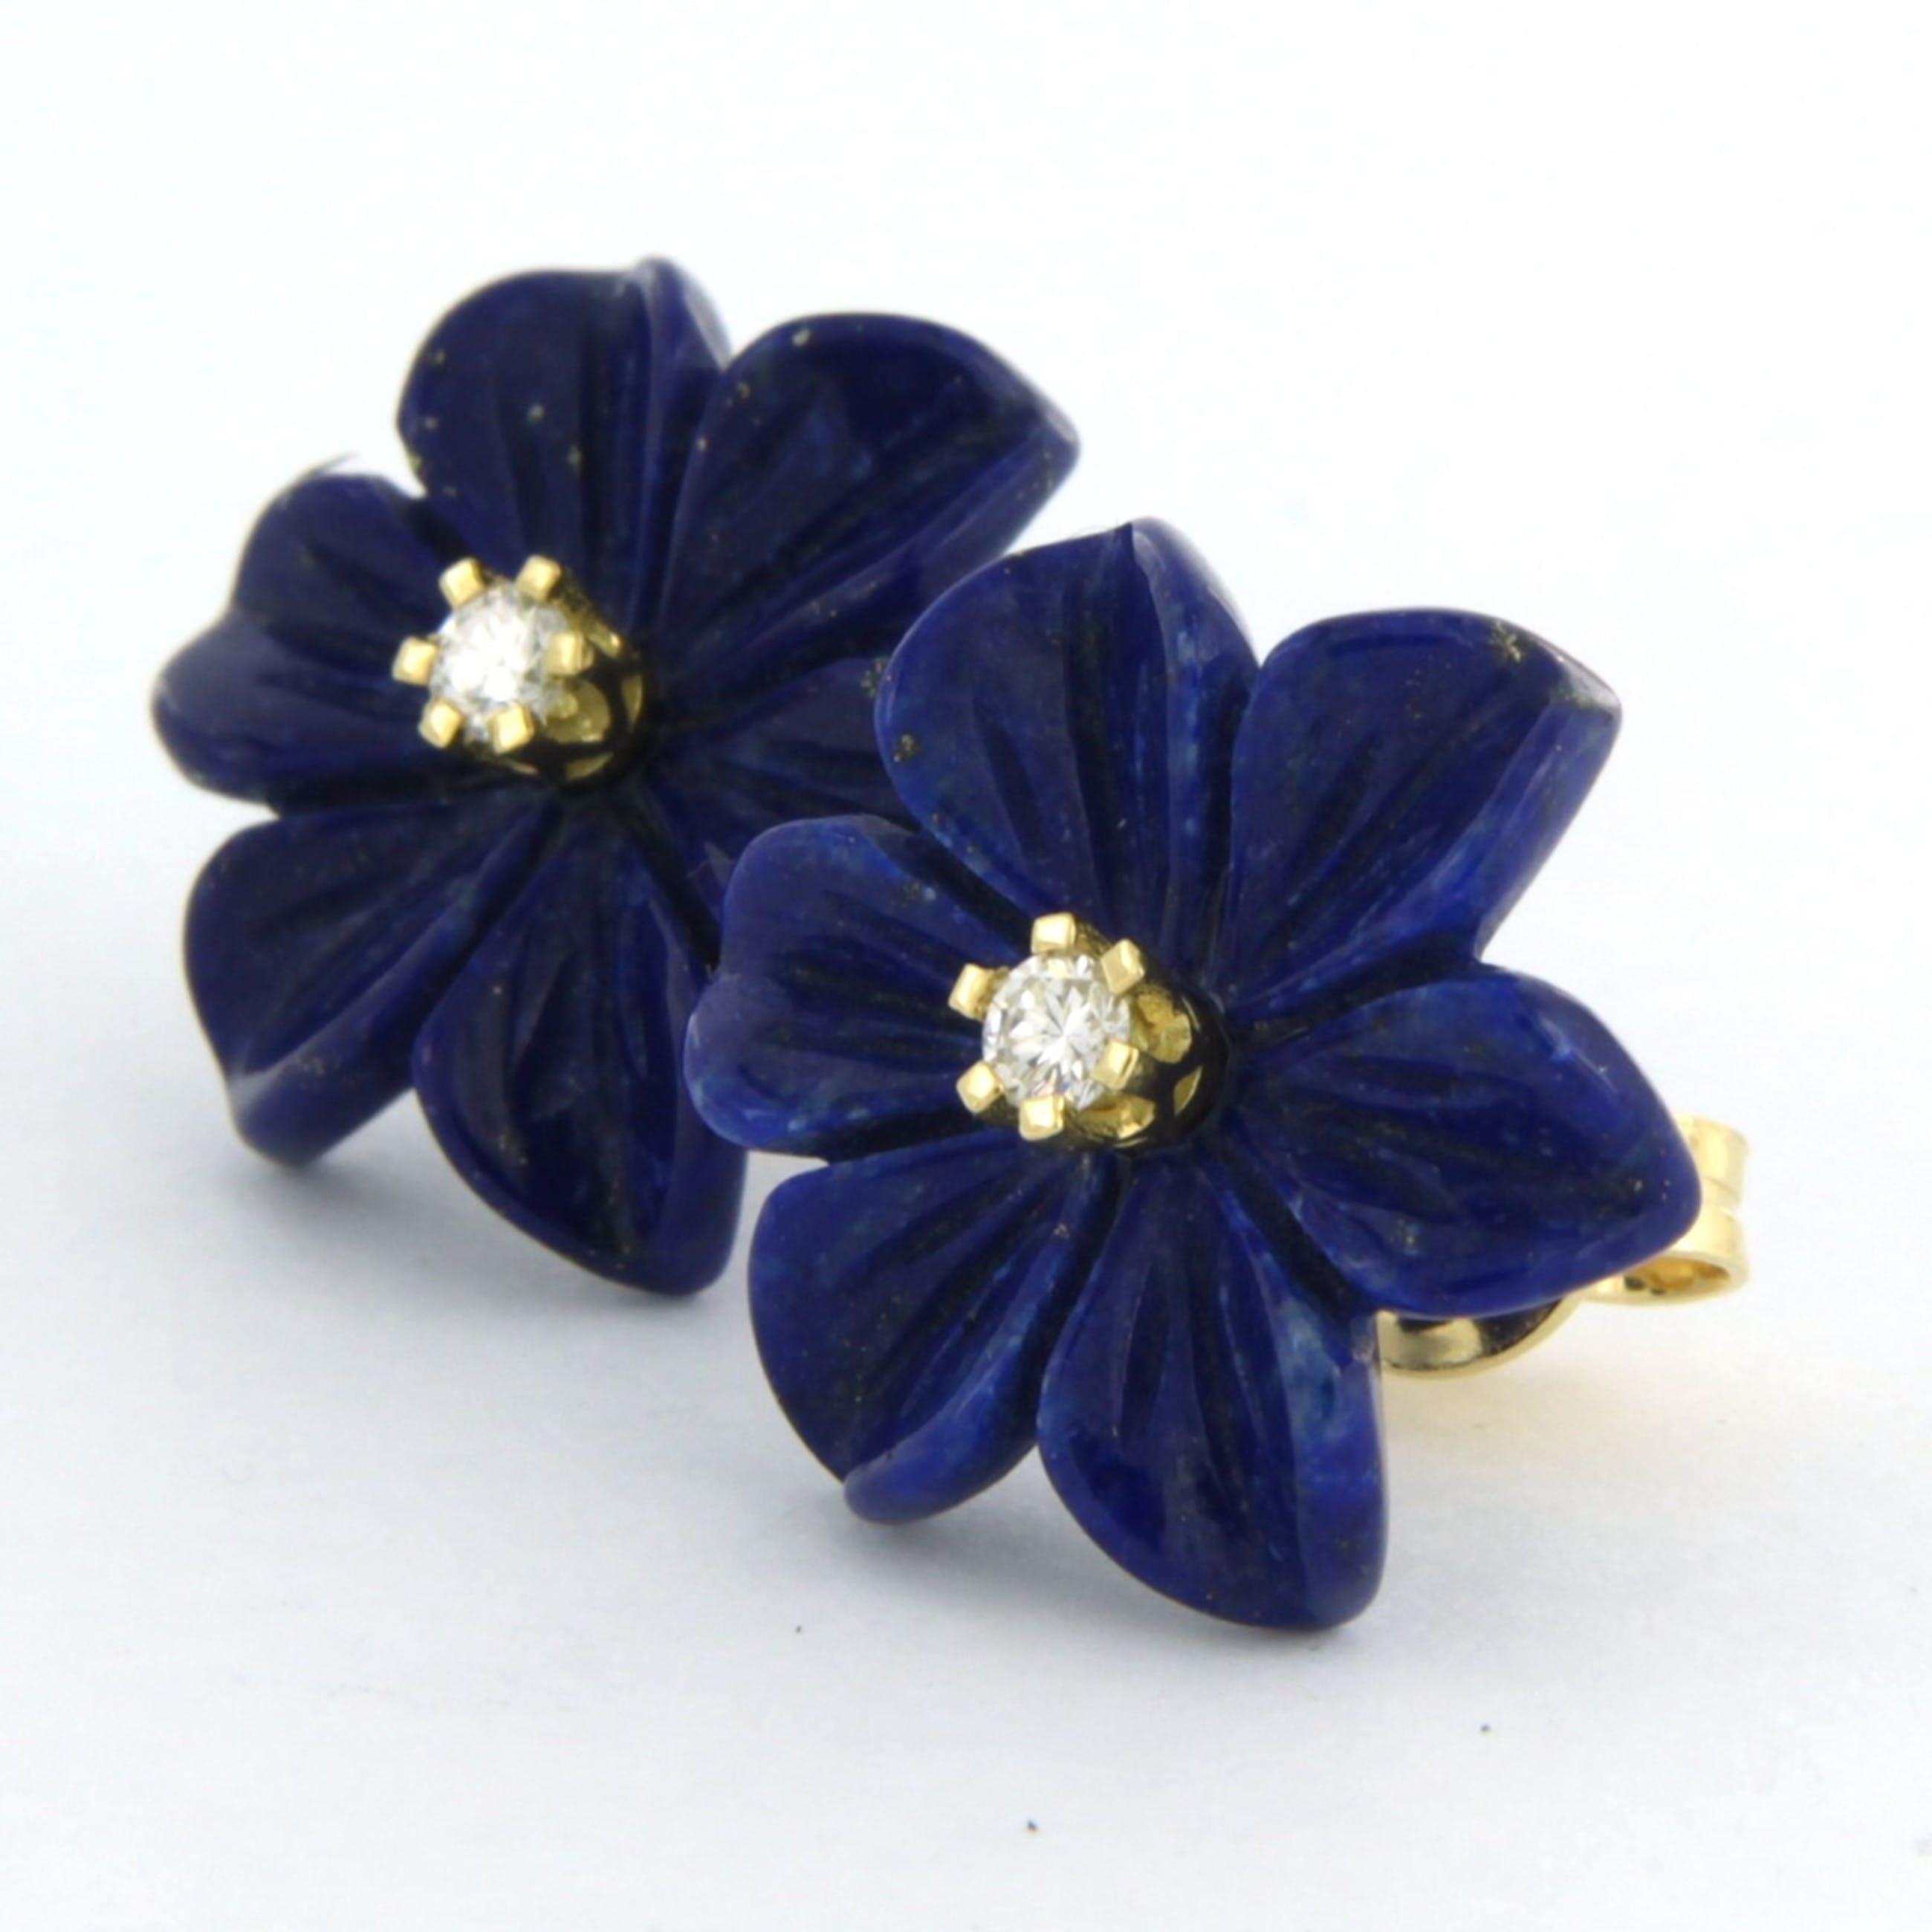 18k geel gouden oorknoppen met lapis lazuli en briljant geslepen diamant 0.08 ct kopen? Bied vanaf 150!